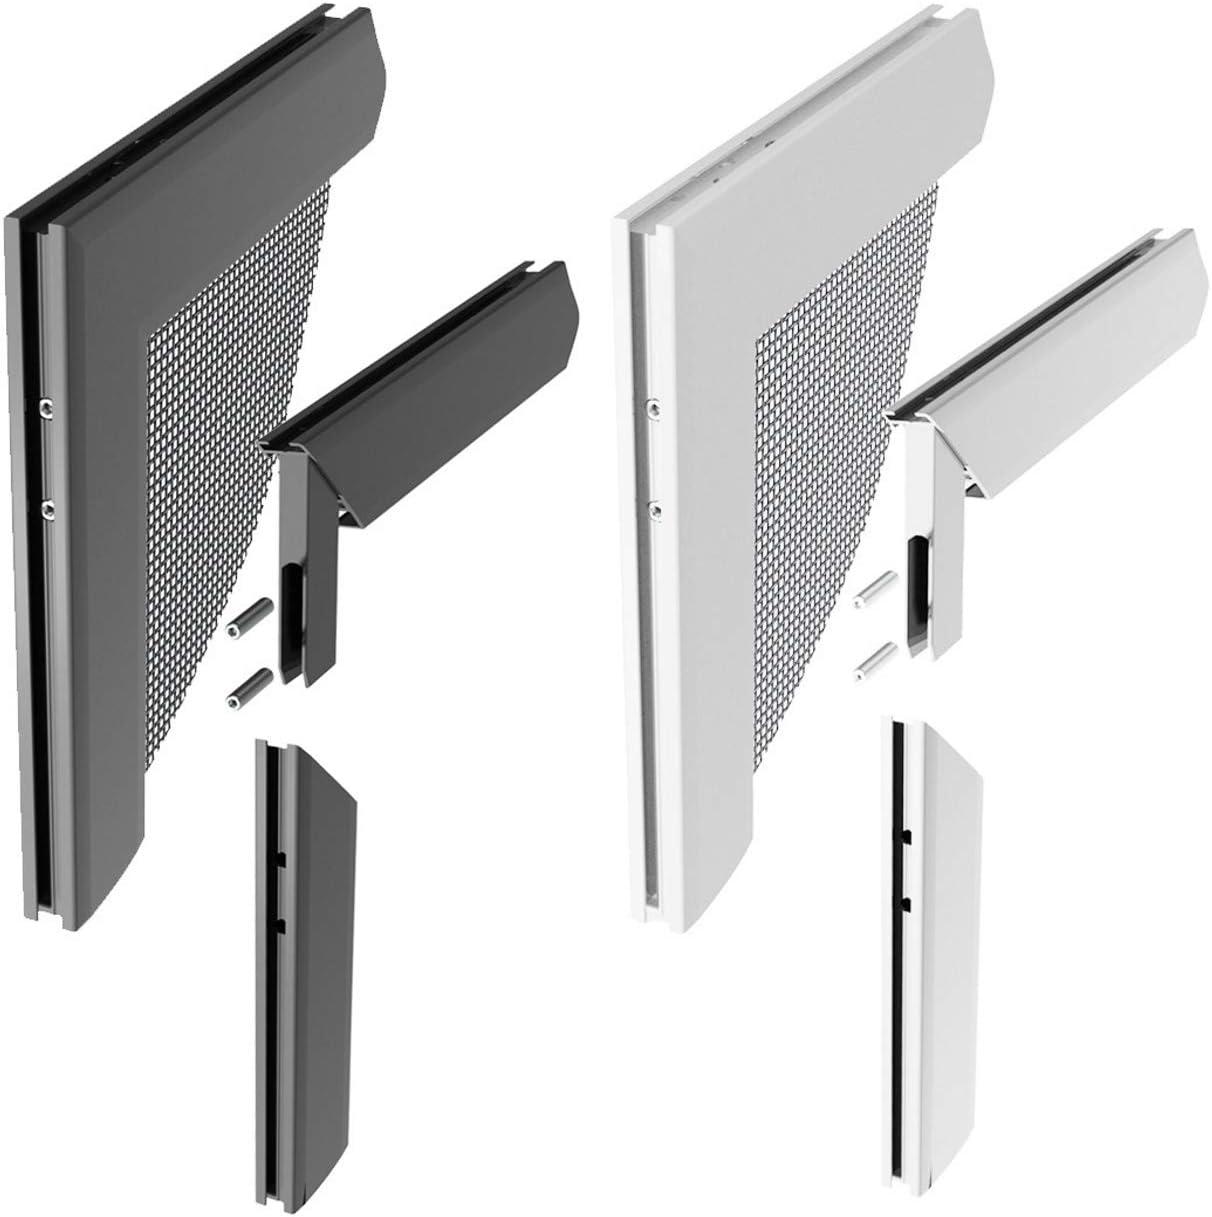 Windhager Z8 Juego de Conectores angulares de Aluminio para Puertas y Ventanas con armazón de Rame, Plateado, 0, 68 x 6 x 6 cm, 03538: Amazon.es: Jardín